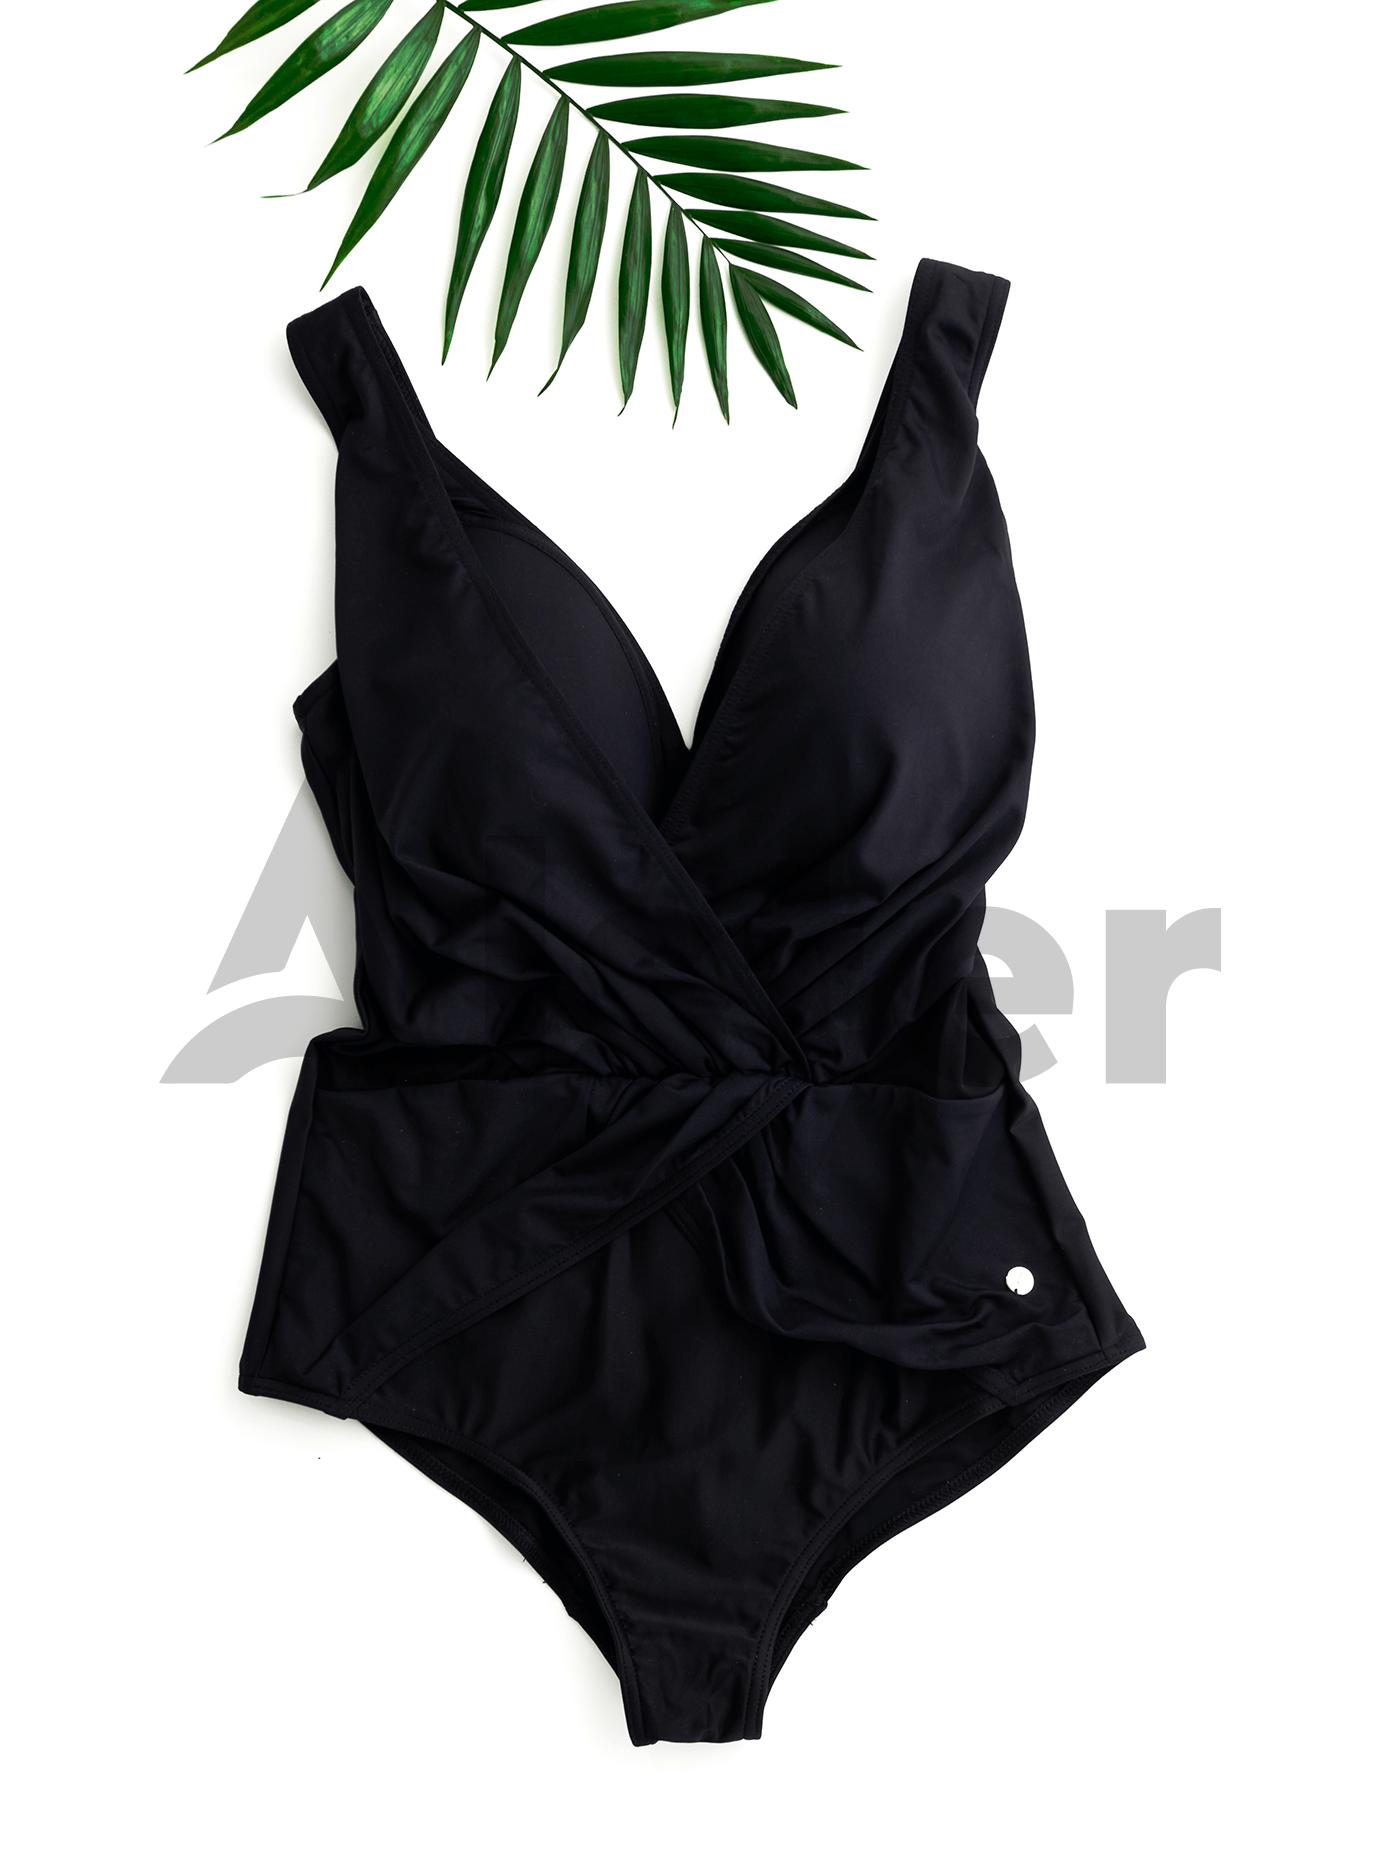 Сдельный купальник с драпировкой Чёрный 2XL (01-K190334): фото - Alster.ua